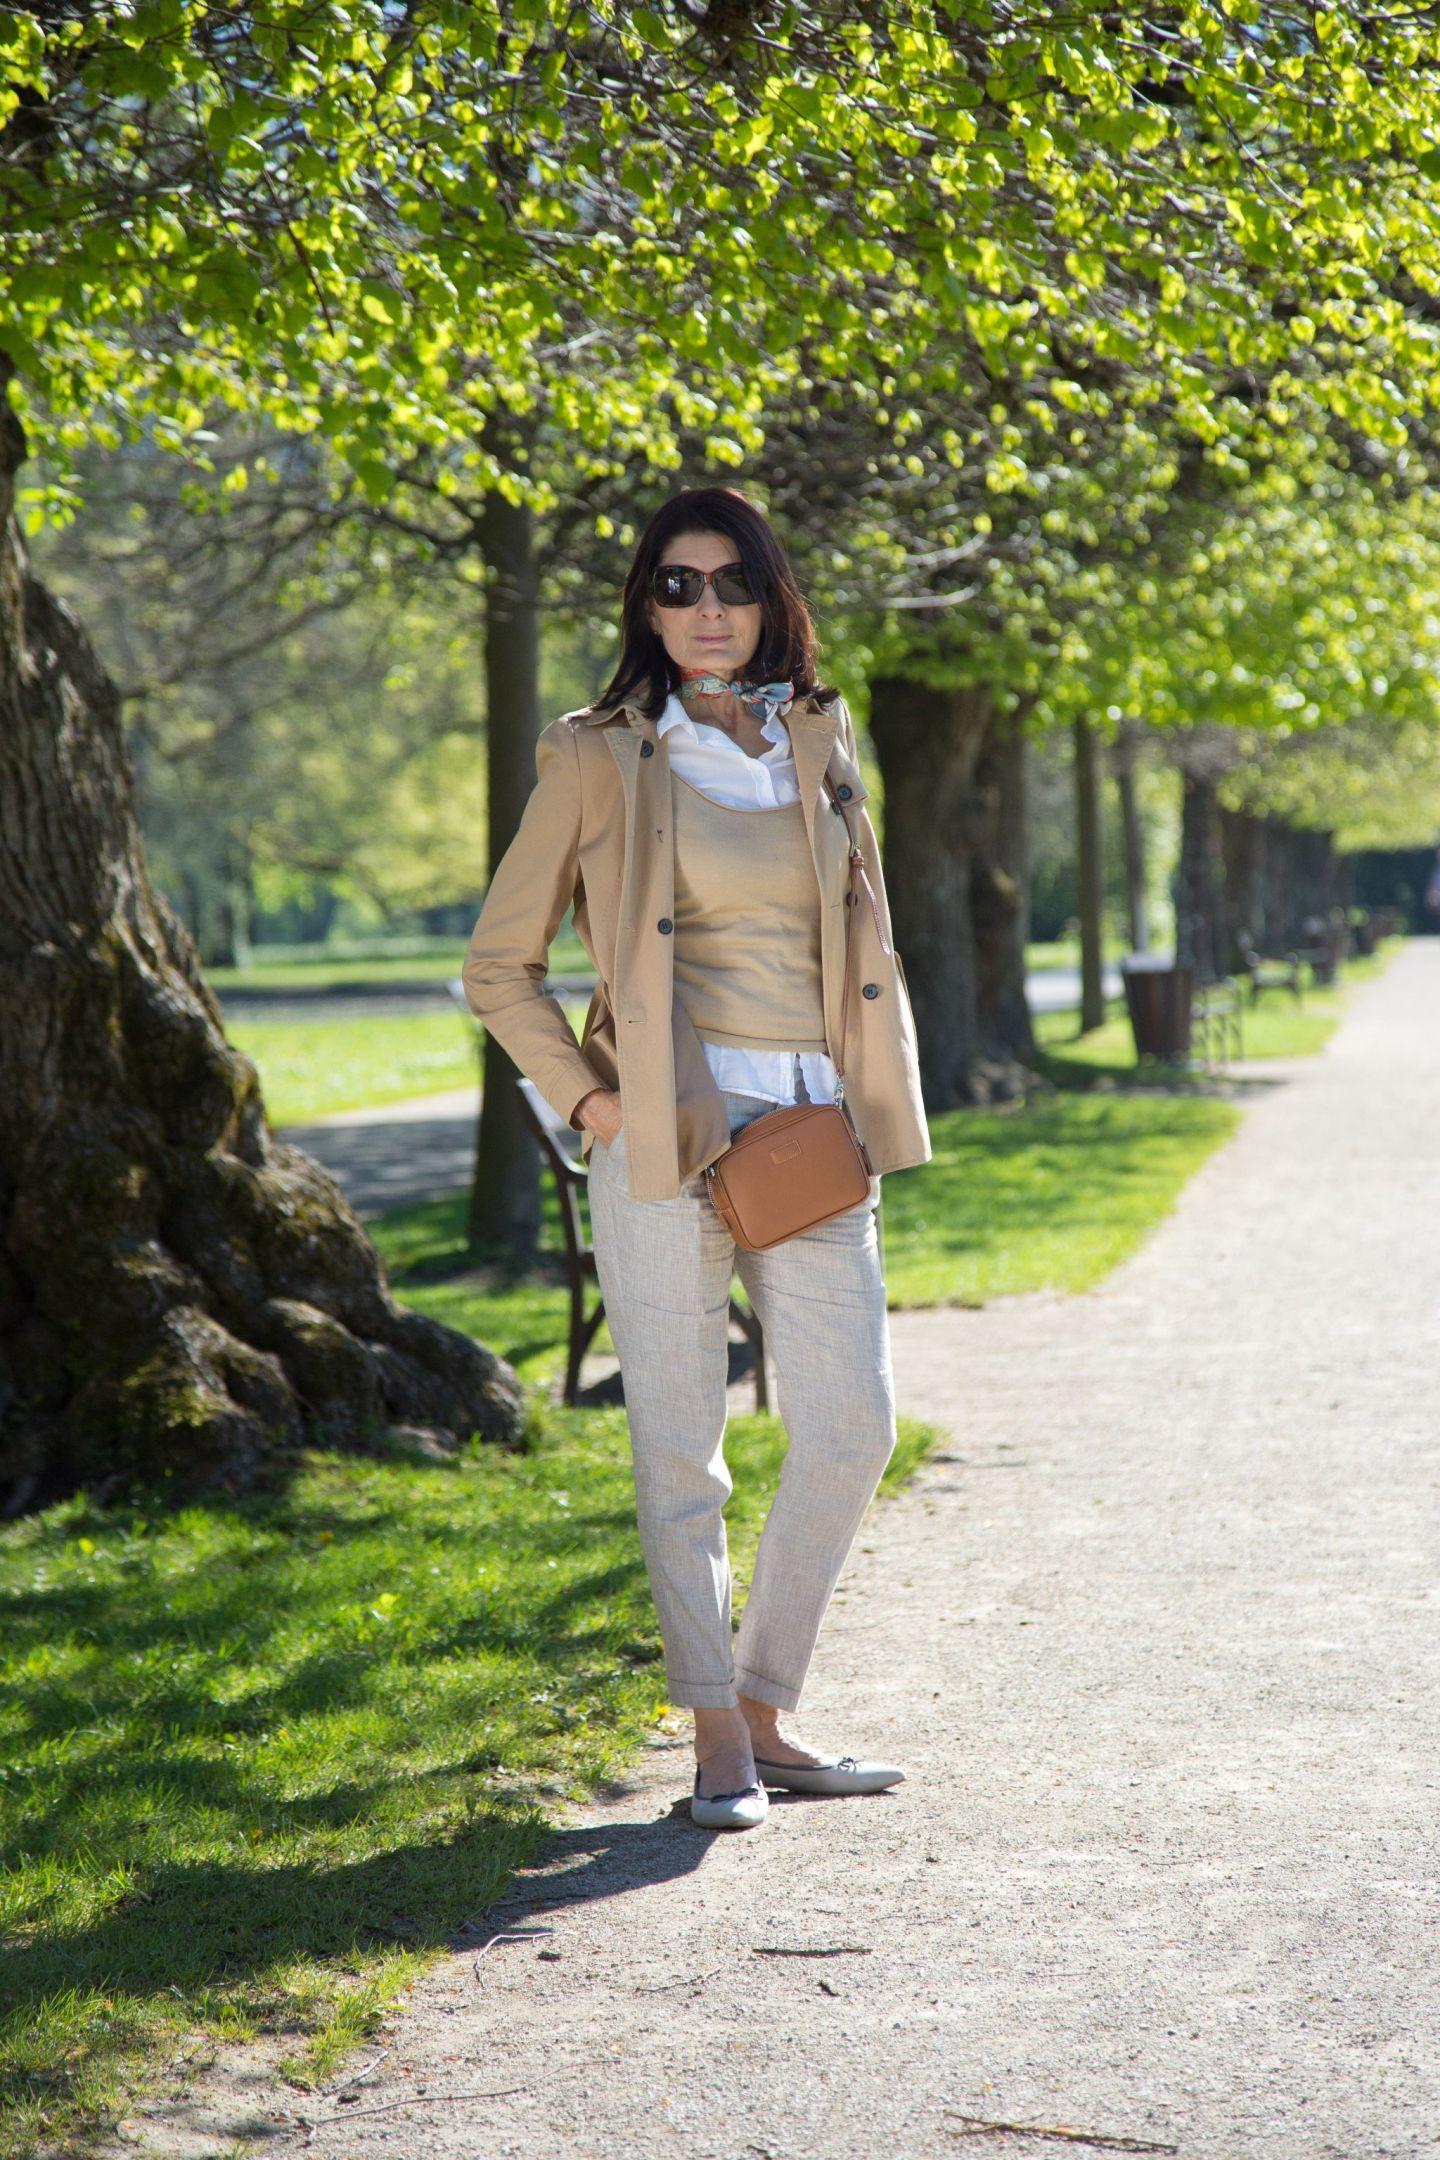 glamupyourlifestyle bloggerinterview claudia-Braunstein ue40-Blog ue50-Frauen ue40-Mode Modeinterview